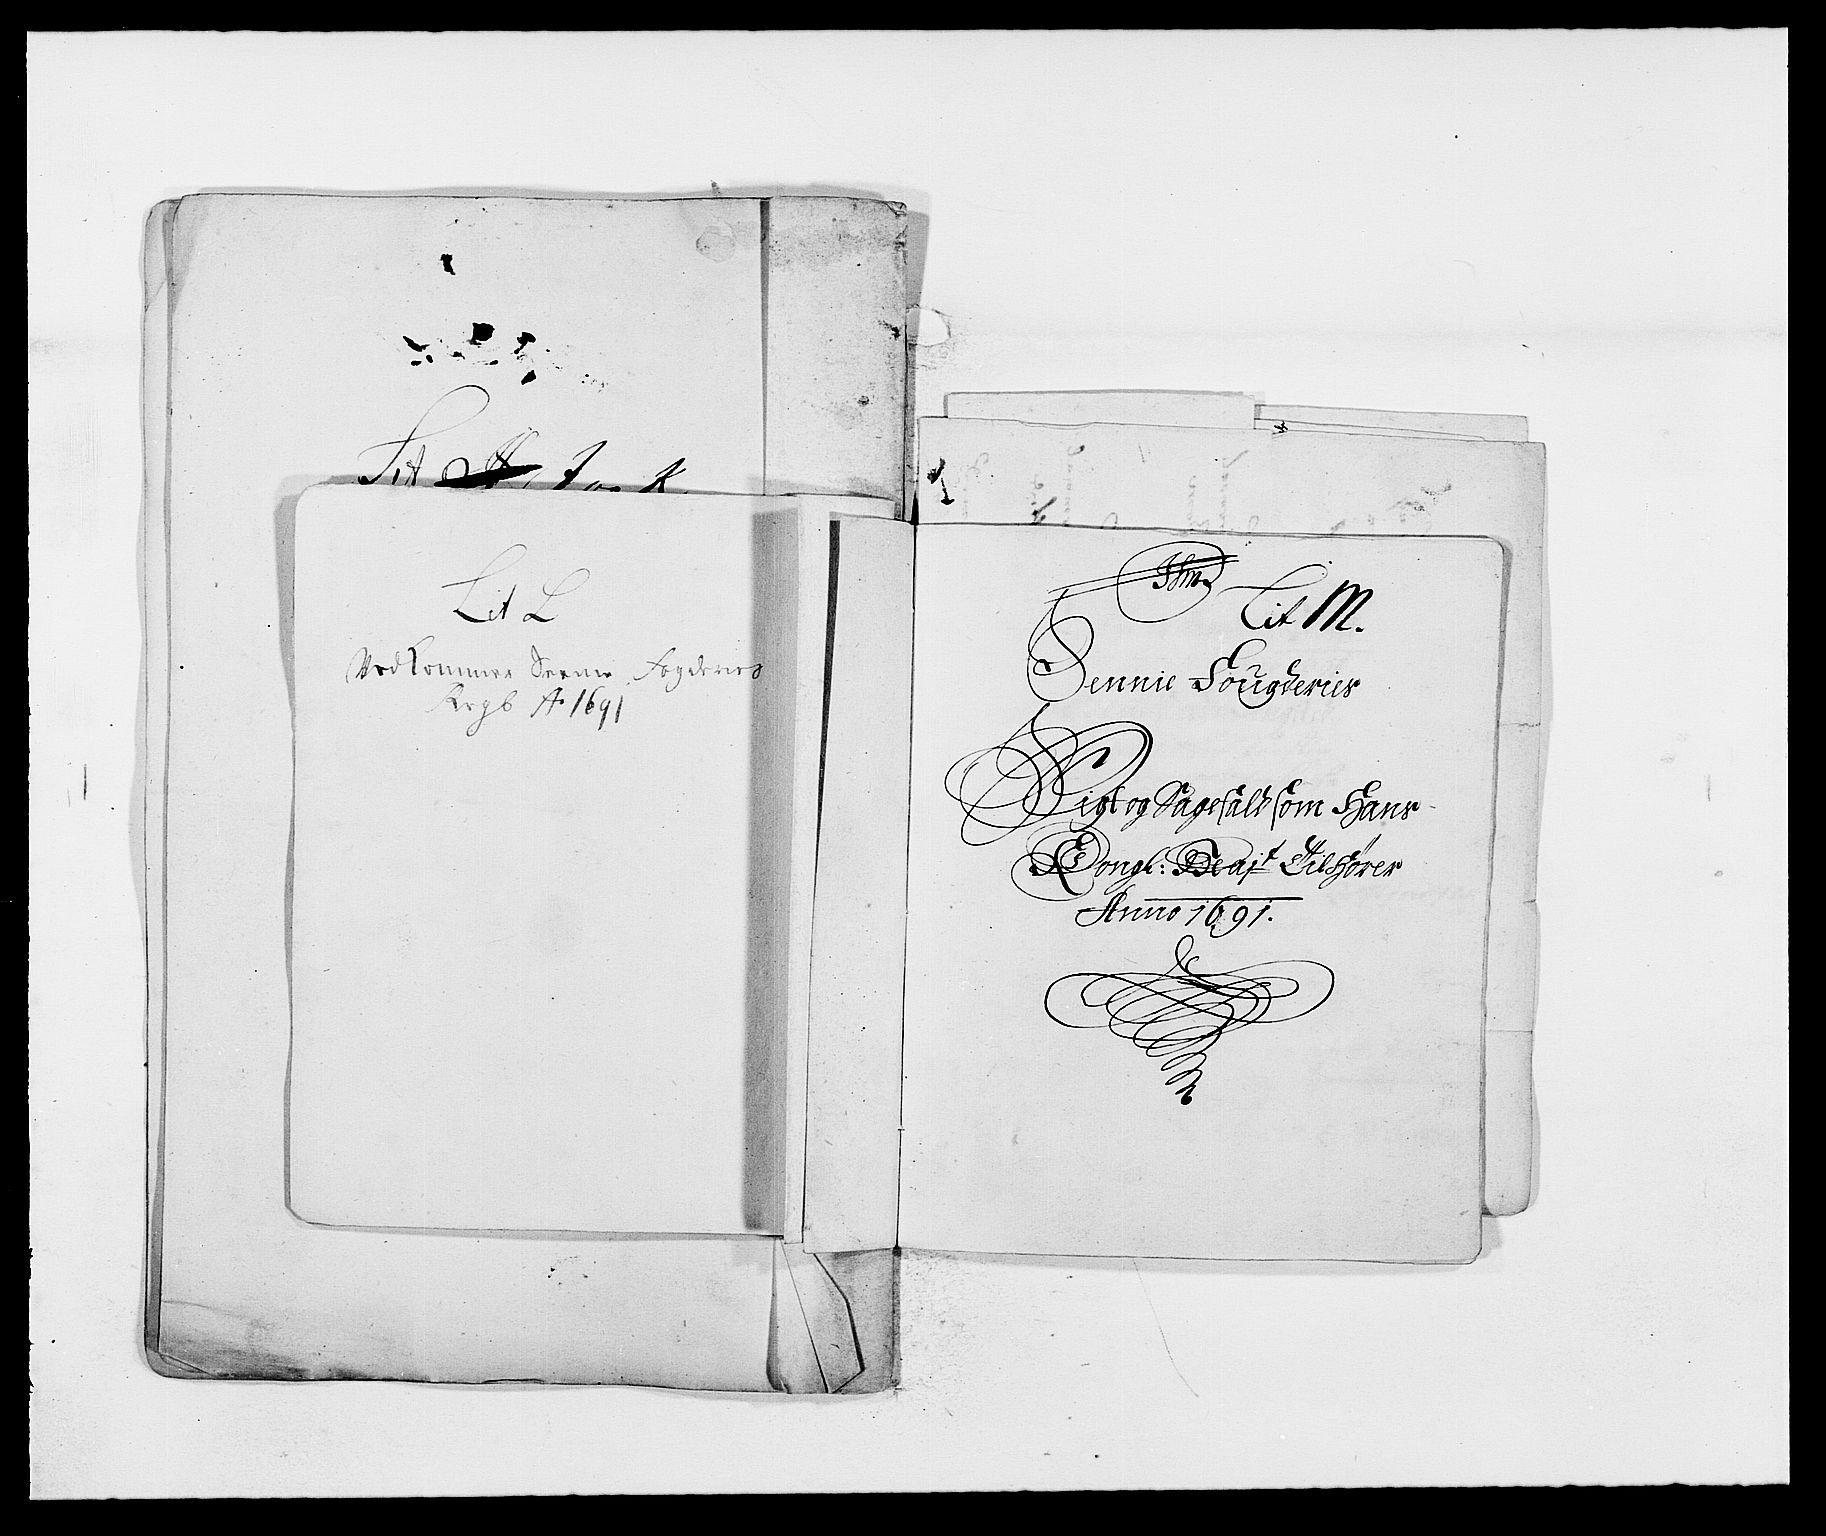 RA, Rentekammeret inntil 1814, Reviderte regnskaper, Fogderegnskap, R68/L4752: Fogderegnskap Senja og Troms, 1691-1693, s. 79